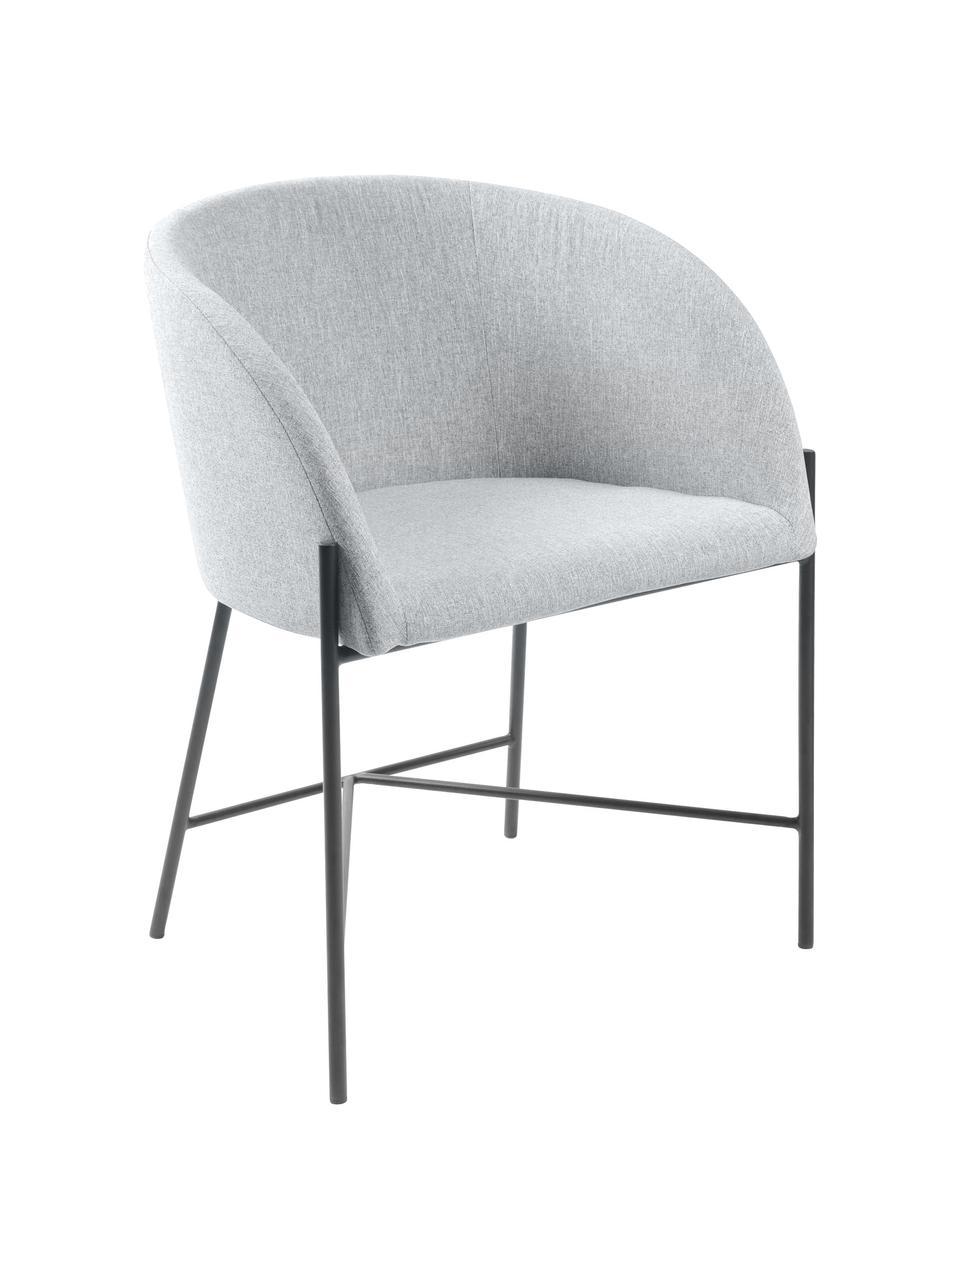 Čalouněná židle spodručkami Nelson, Světle šedá Nohy: černá